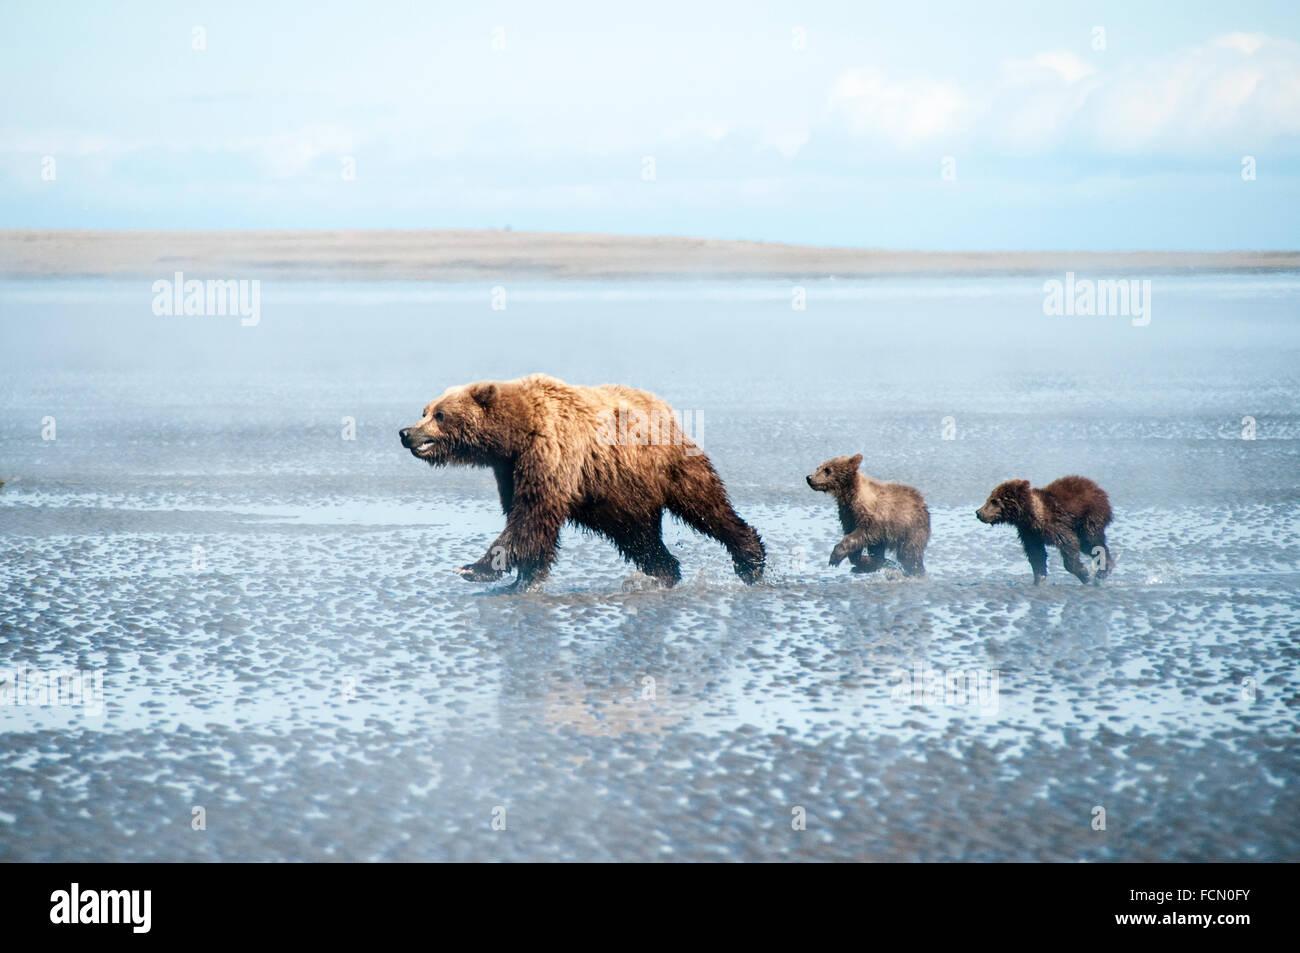 Tres Osos Grizzly Ursus arctos, madre y dos cachorros de primavera, corriendo a través de la pleamar del Cook Inlet, Alaska, EE.UU. Foto de stock